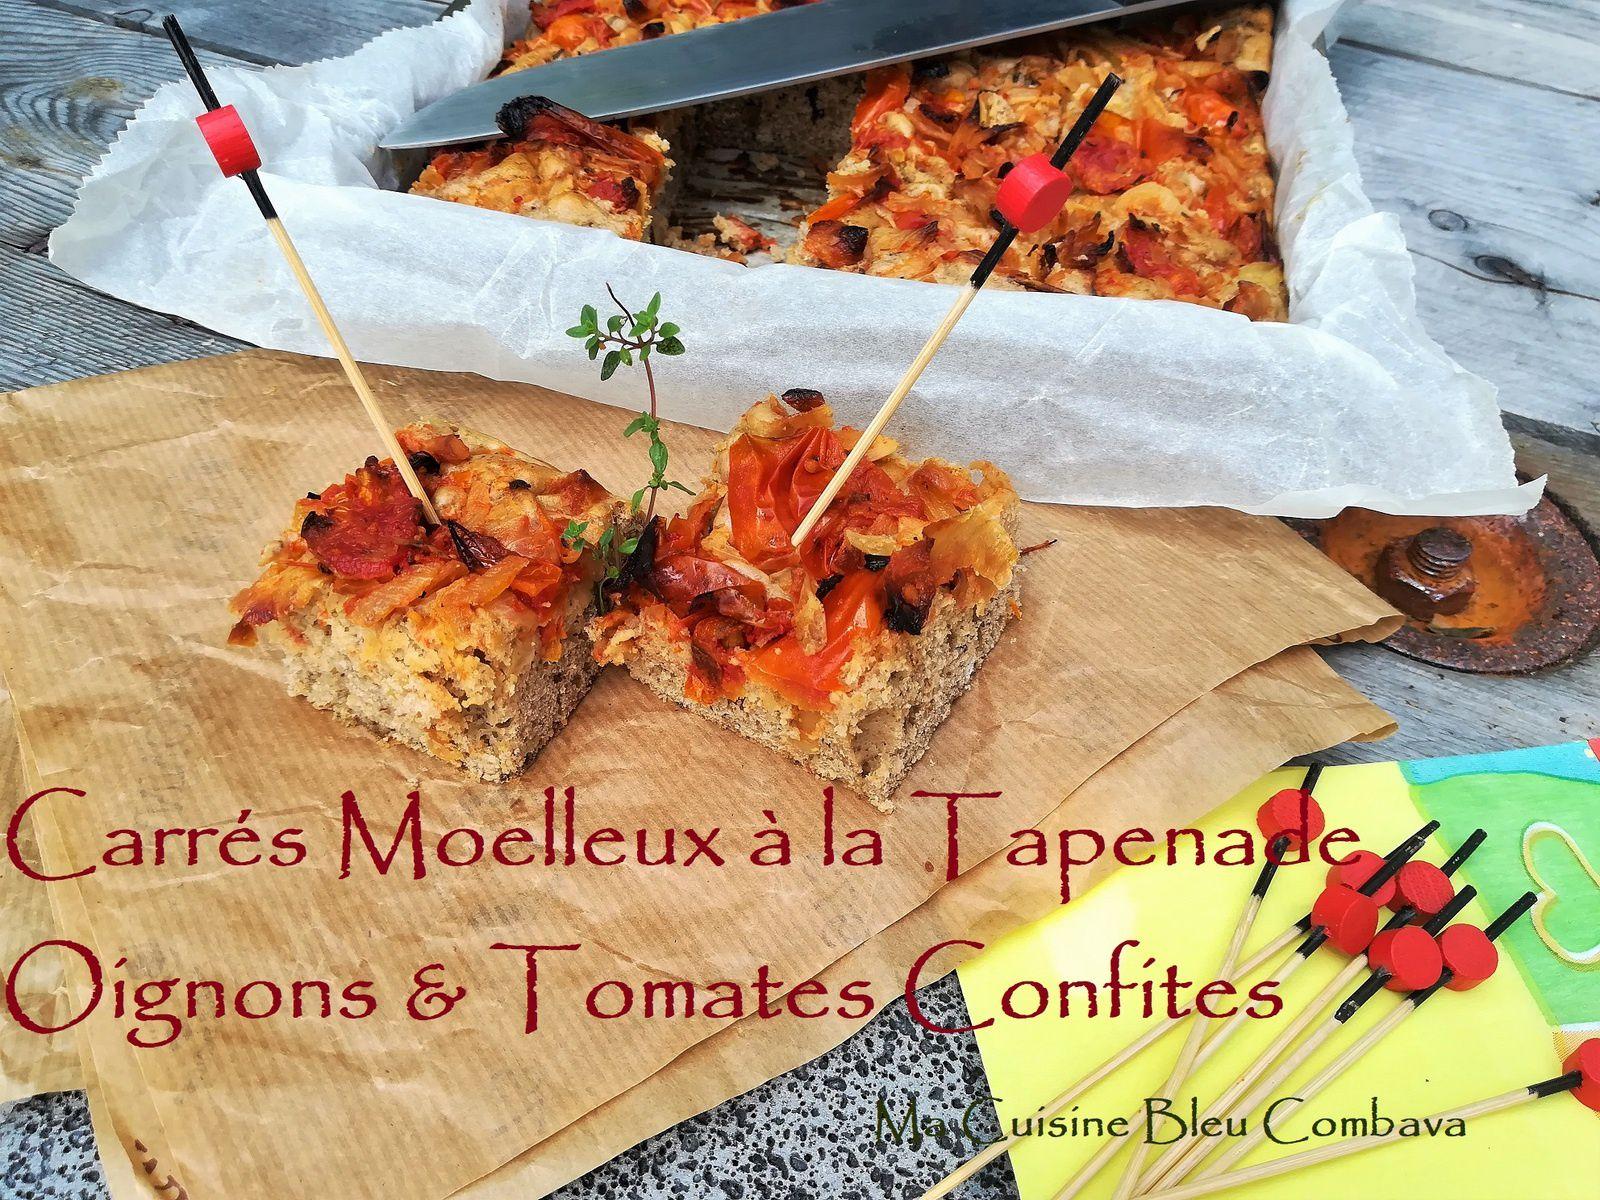 Carrés moelleux à la Tapenade, garniture Oignons et Tomates Confites